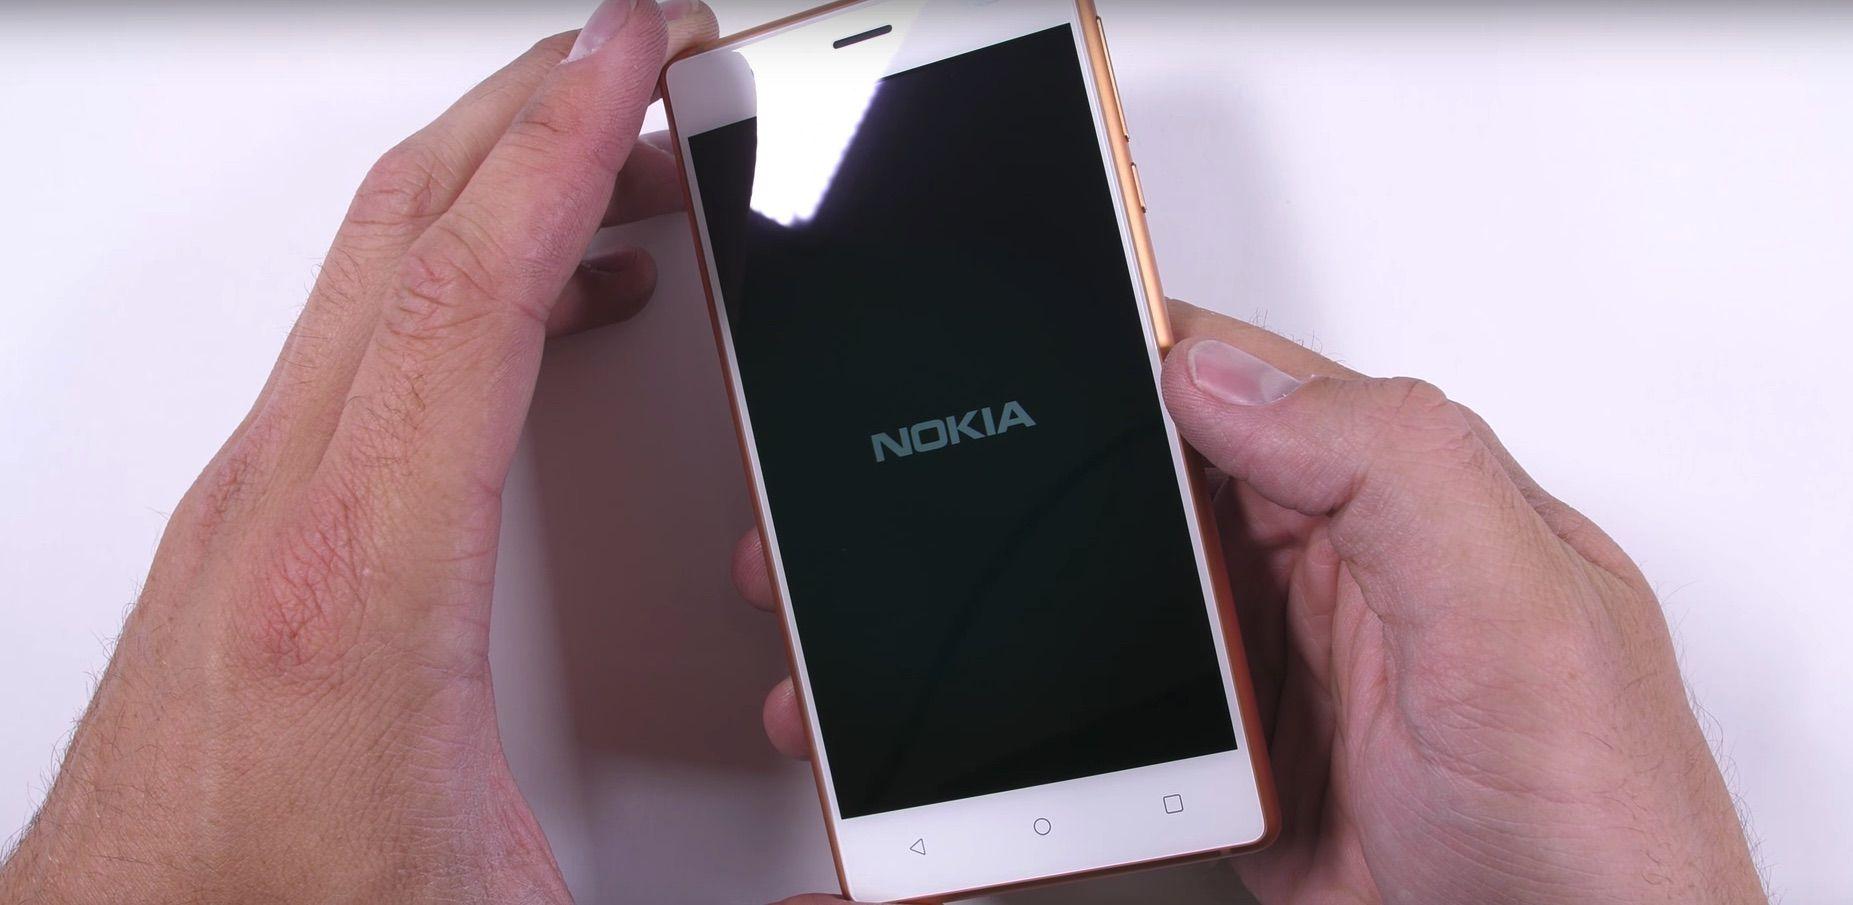 Nokia-3-Durability-Test-2